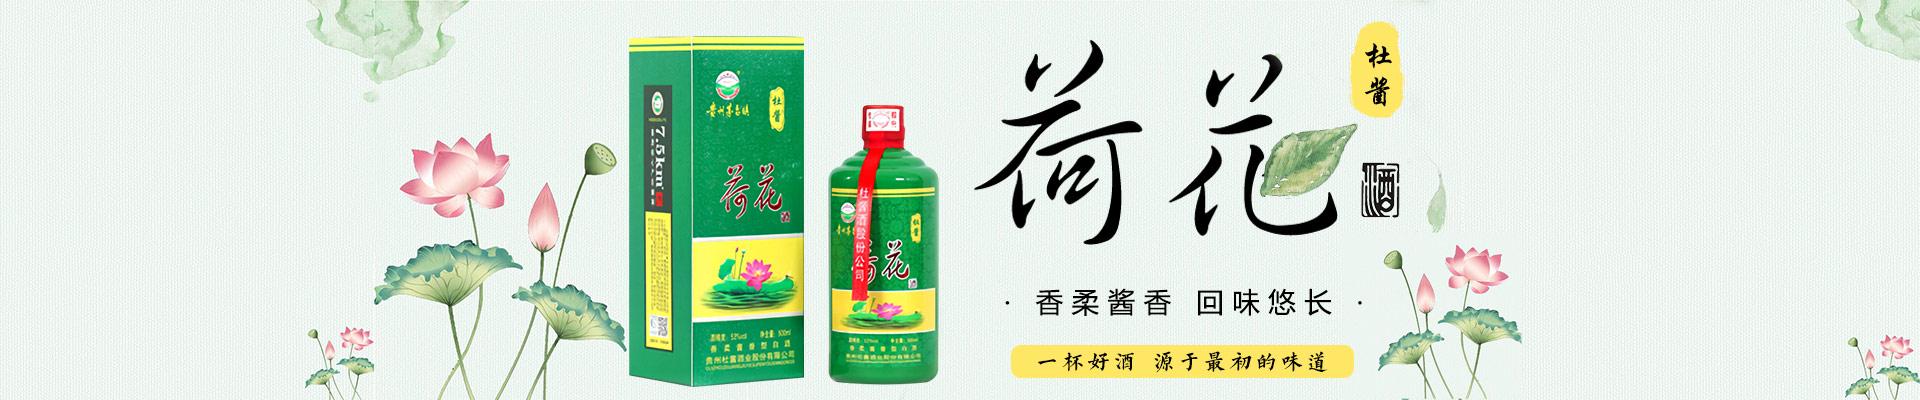 贵州杜酱酒业股份有限公司